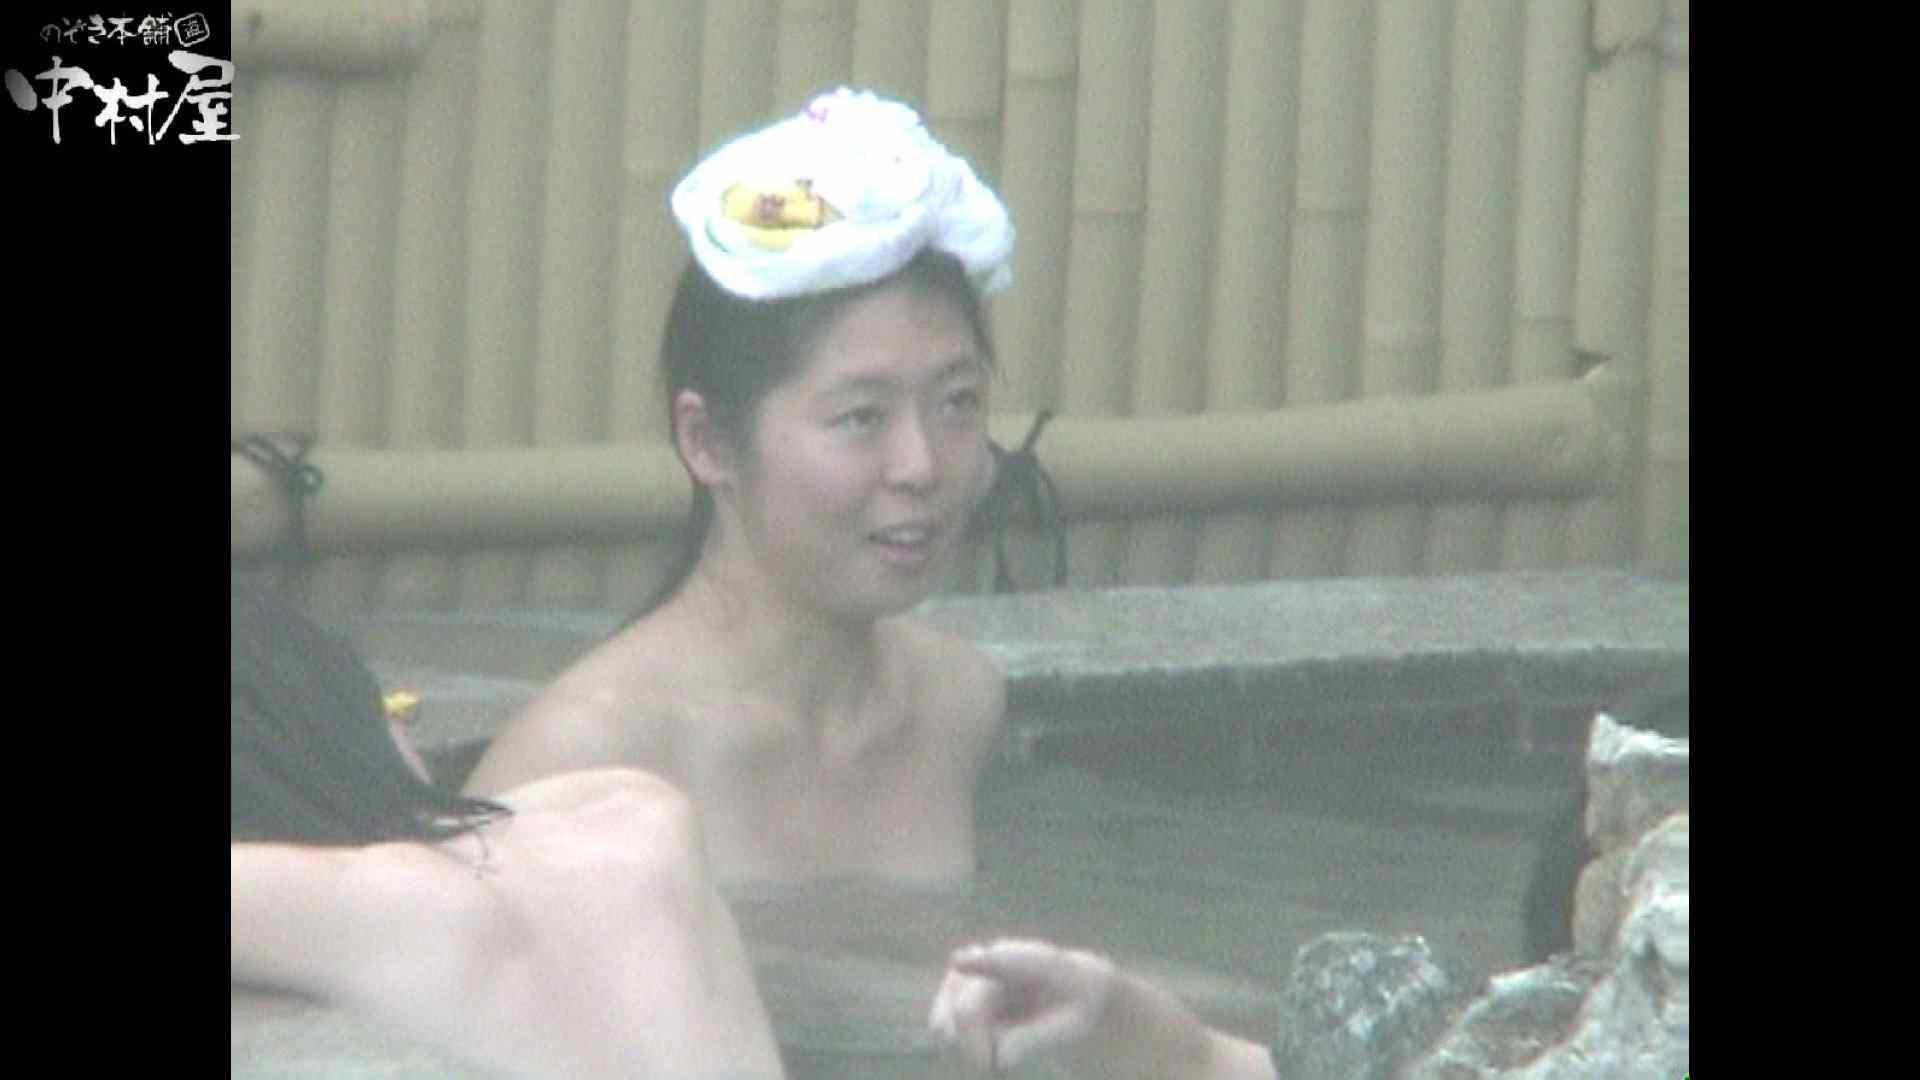 Aquaな露天風呂Vol.932 エッチな盗撮 すけべAV動画紹介 104pic 38